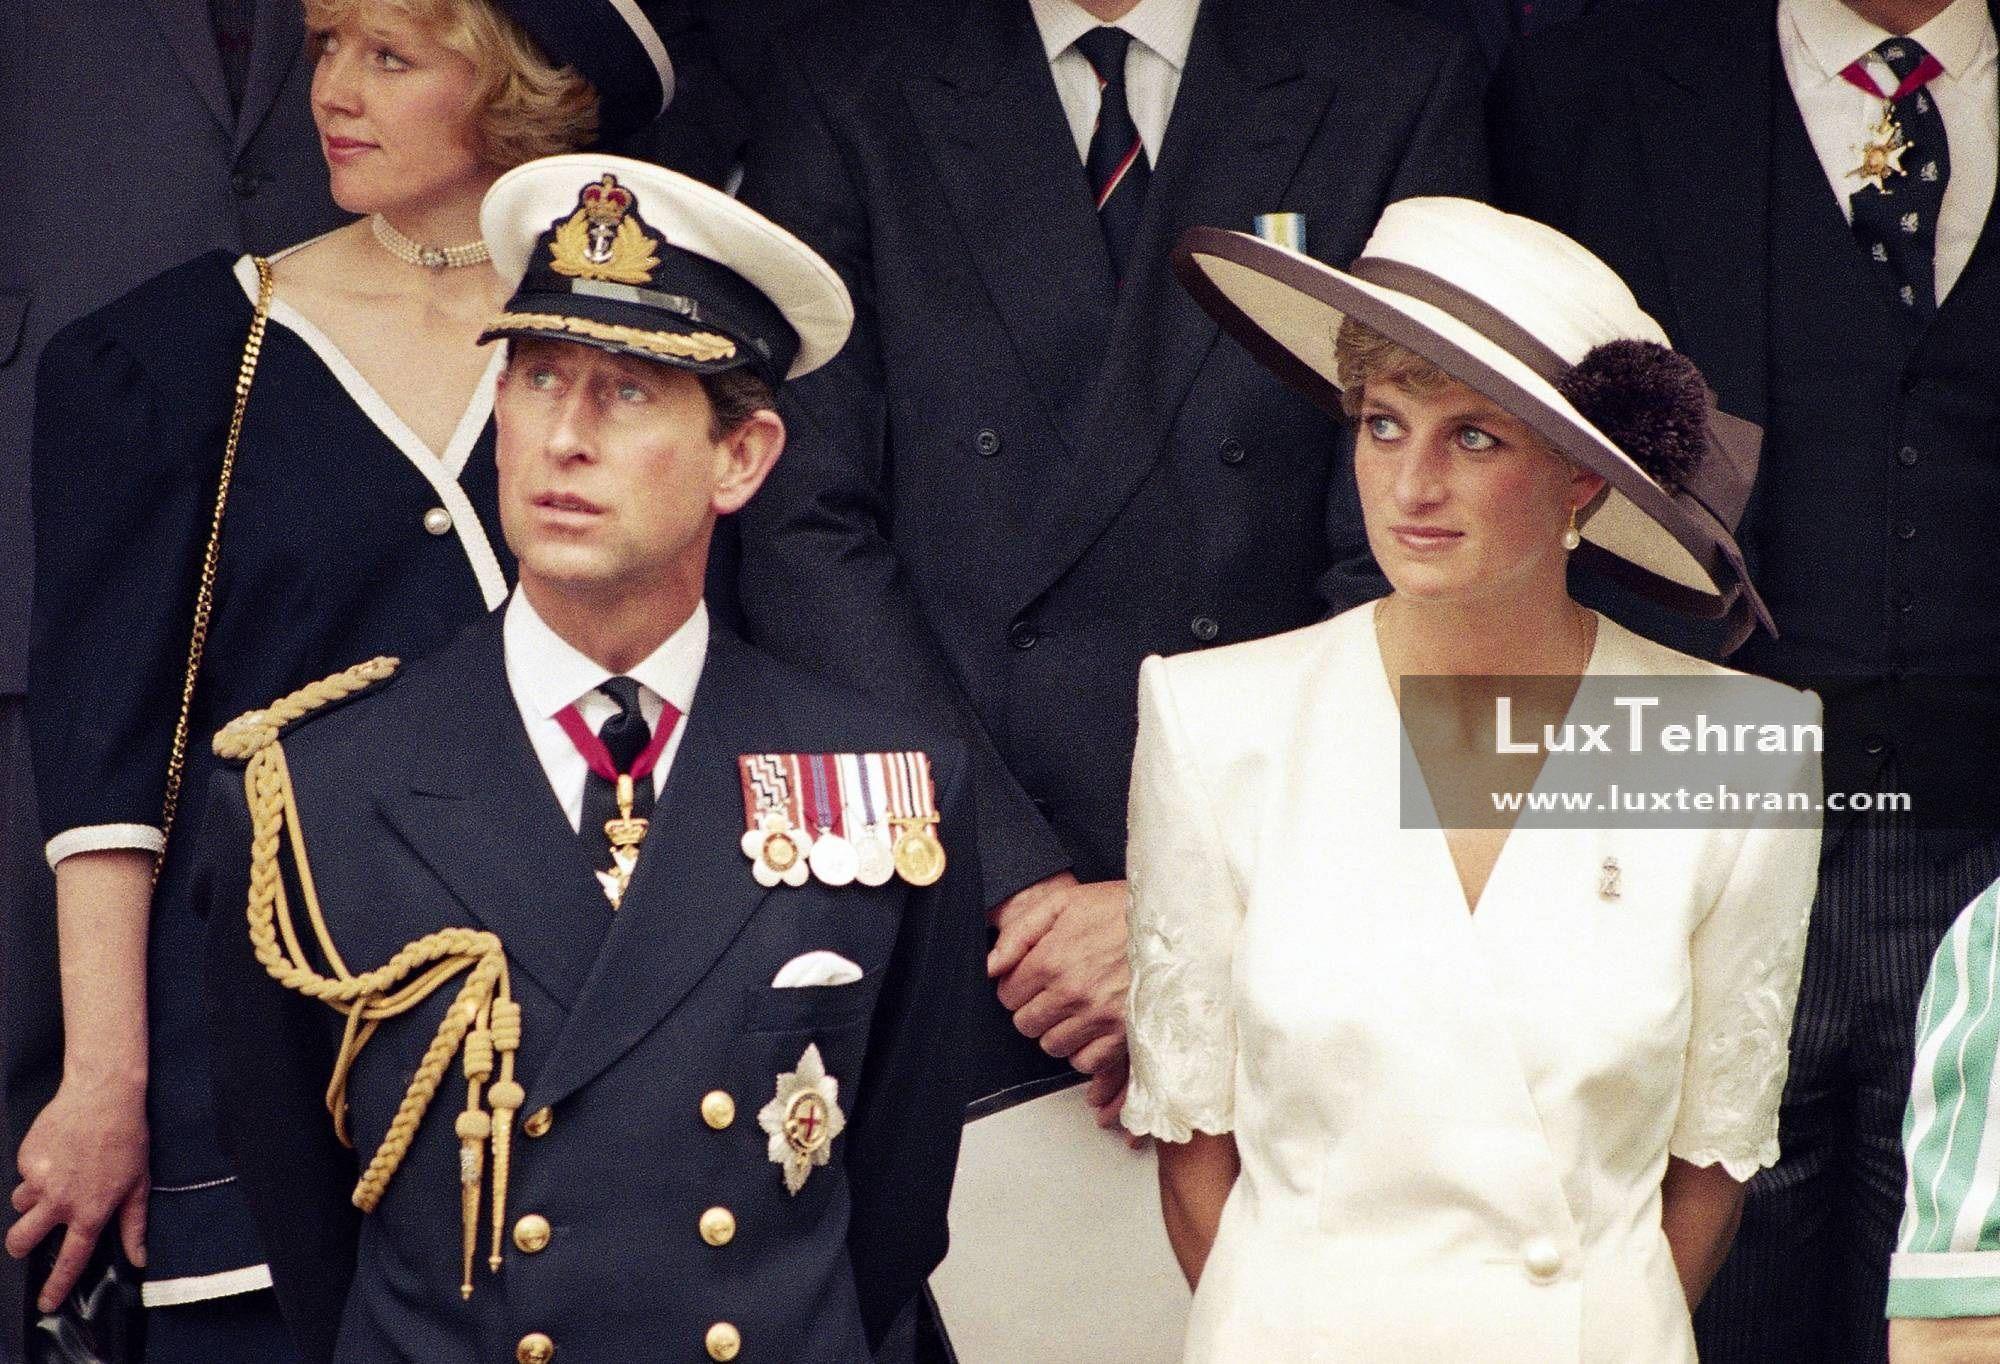 تصویری از شاهدخت ولز در کلاه و لباس پوشیده بلند شیری رنگ